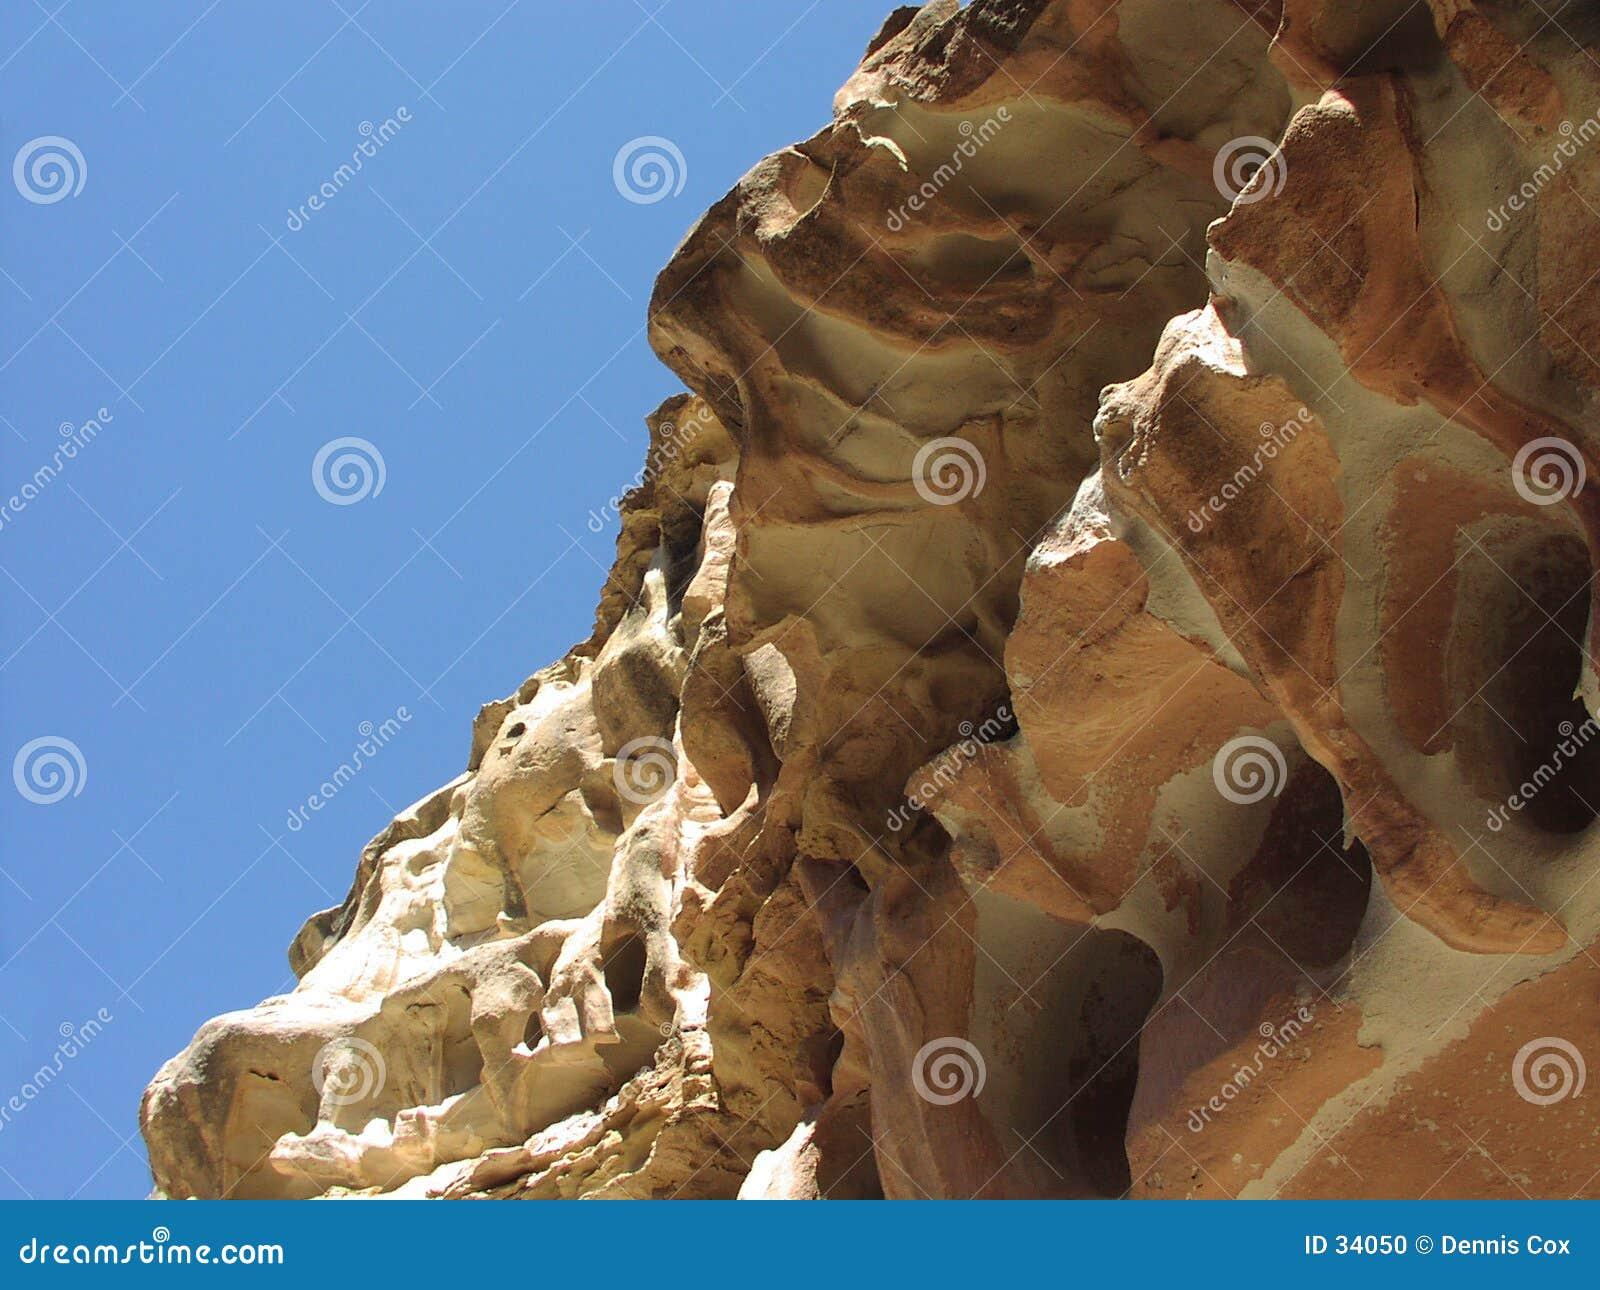 Red Rock Overhang